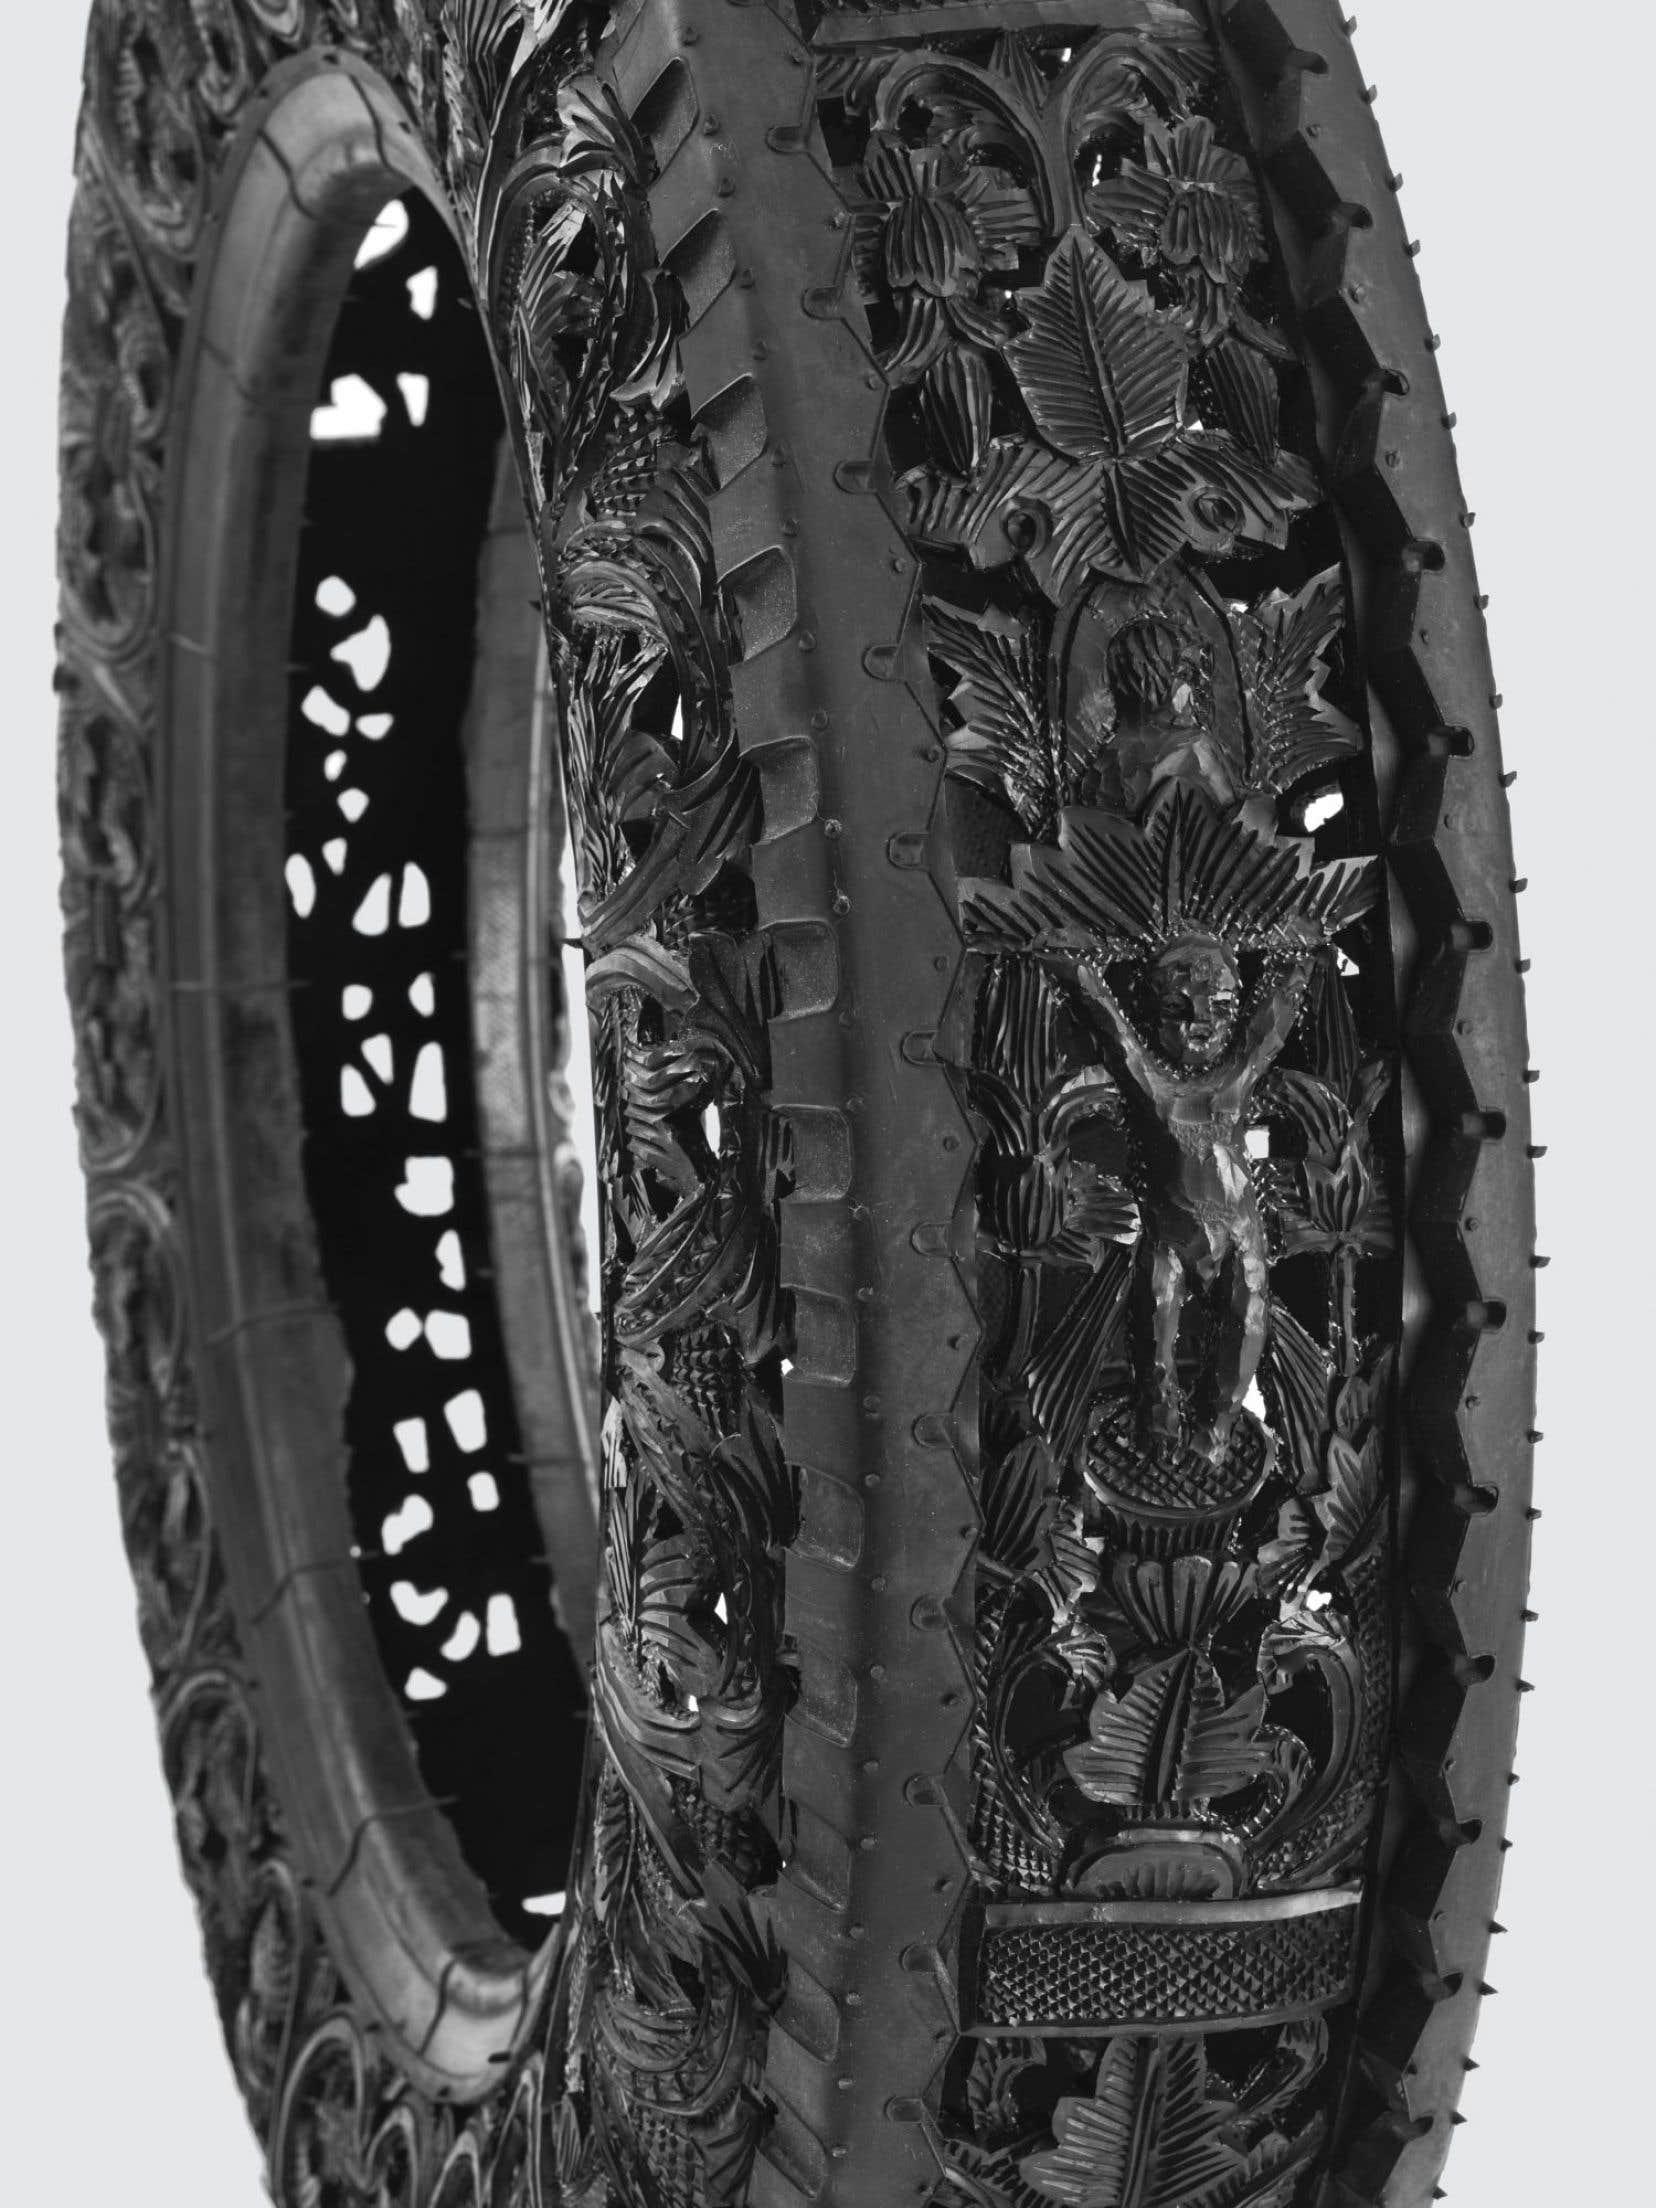 Wim Delvoye,Car Tyre, 2011. Pneu sculpté à la main.